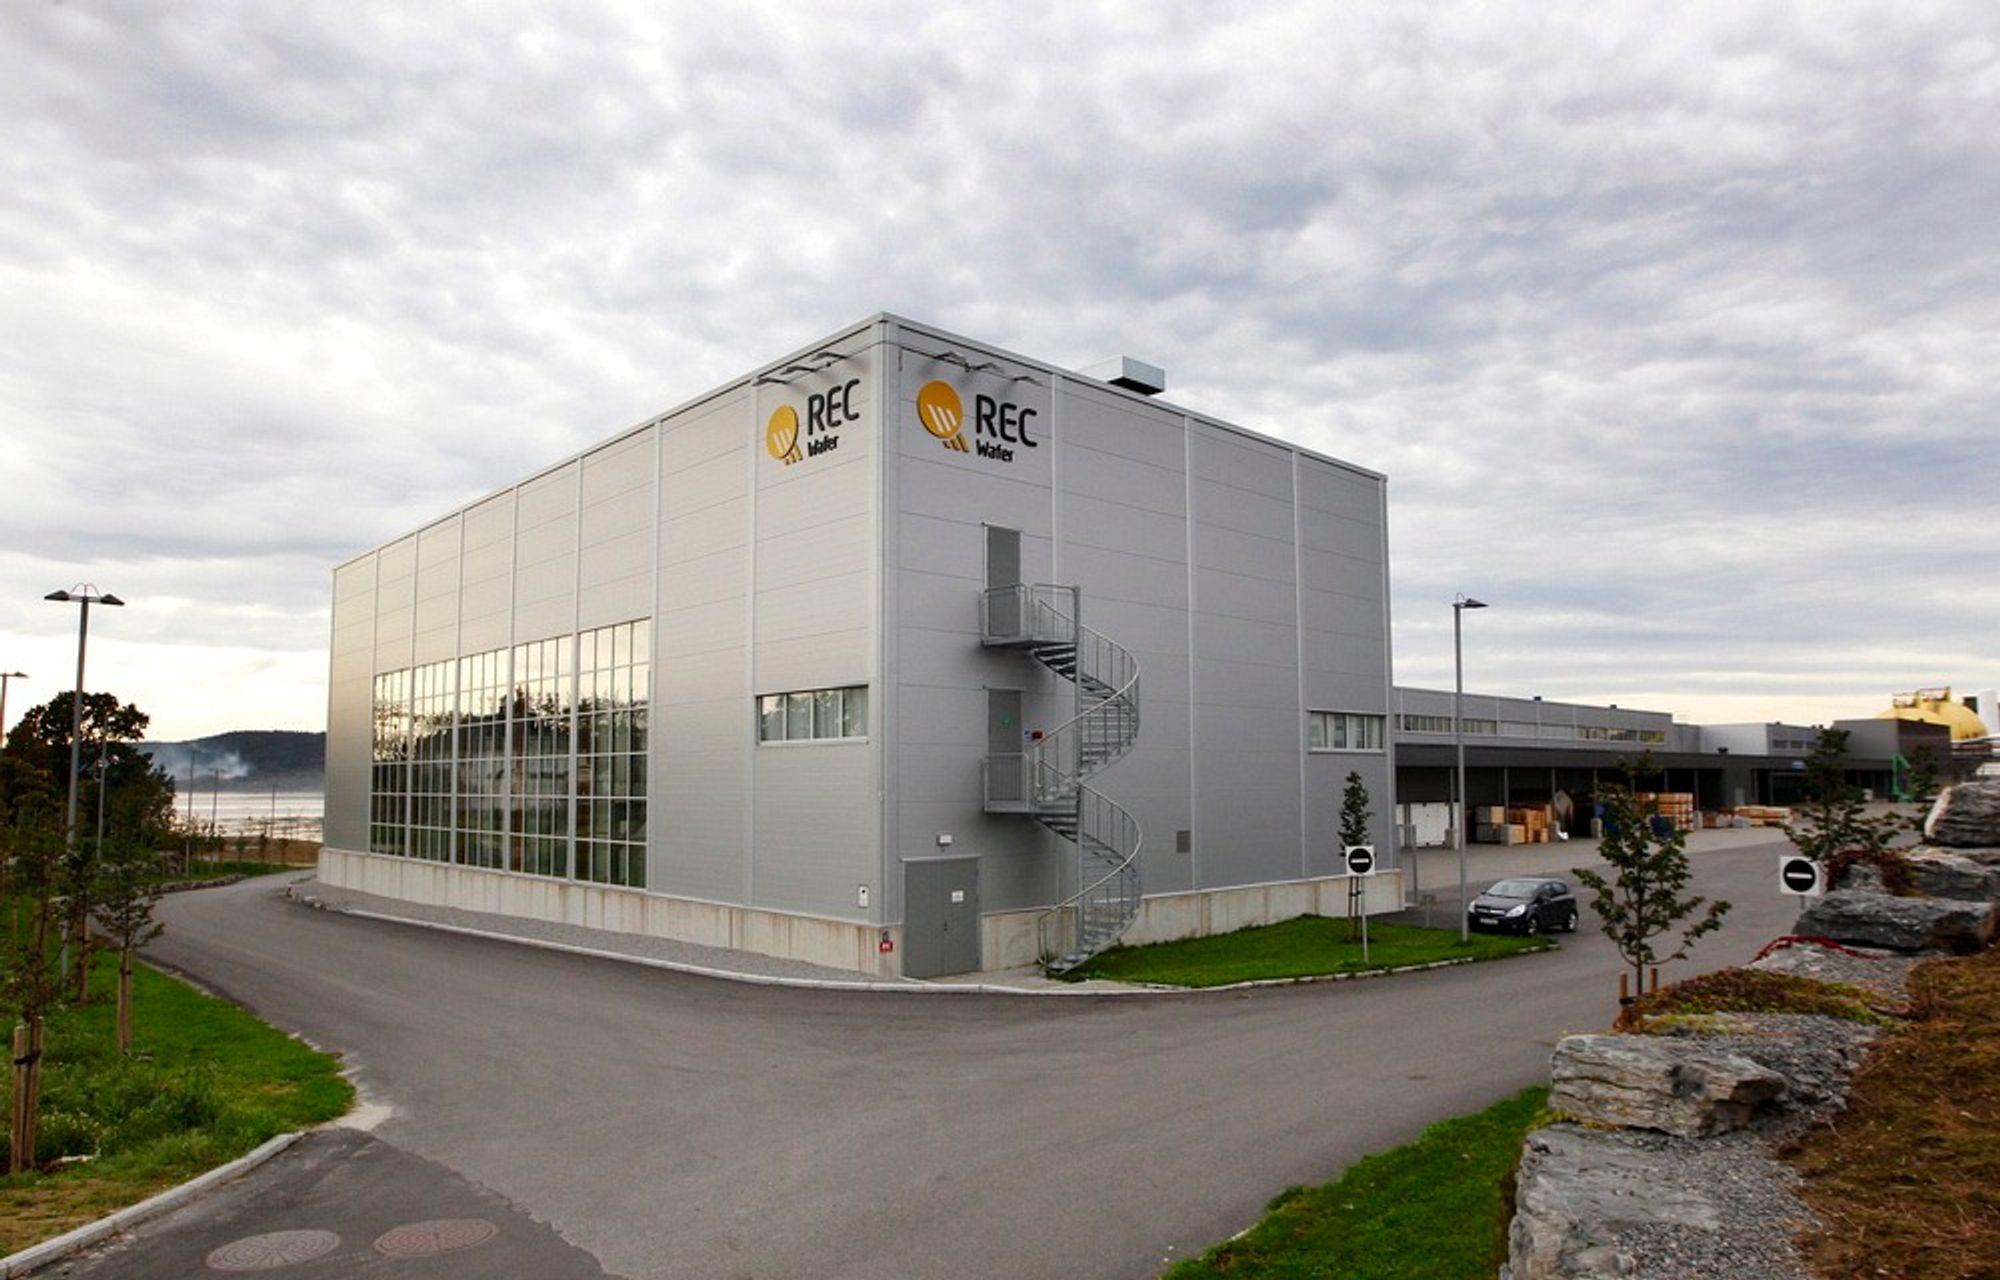 PORSGRUNN  20110928. REC Wafer på Herøya onsdag. REC vurderer å si opp 700 ansatte i Norge.Foto: Erlend Aas / Scanpix REC Wafer fabrikken på Herøya i Porsgrunn. Onsdag presenterte styret sin beslutning for fabrikkene i Norge. Cirka 500 ansatte mister jobben.